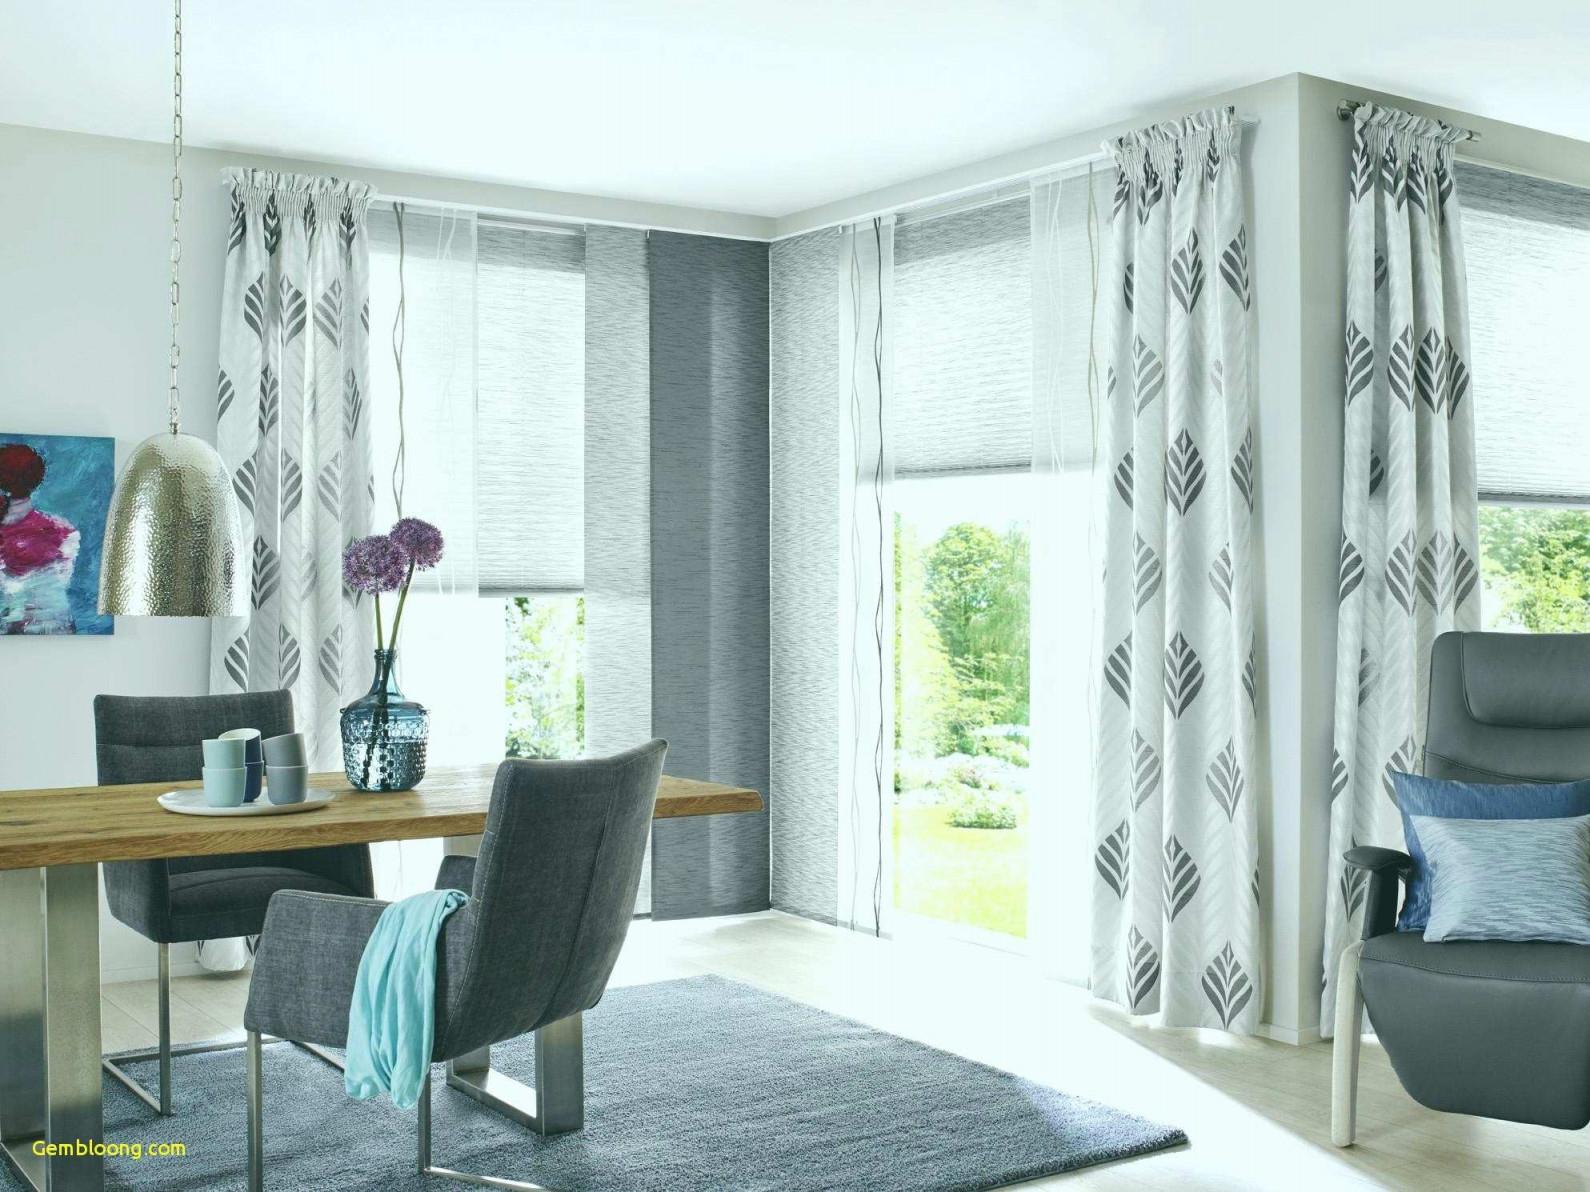 Fenstergestaltung Mit Gardinen Beispiele Schön Fotos Von von Fenstergestaltung Wohnzimmer Ideen Bild